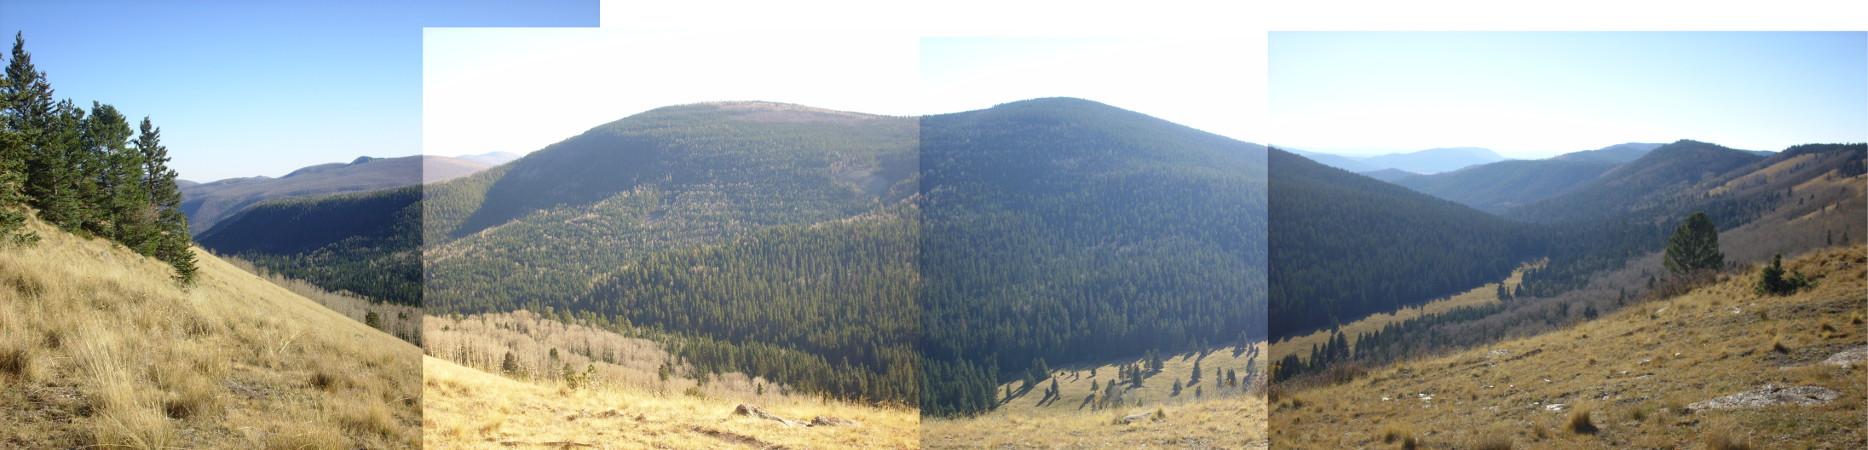 Cerro Toledo